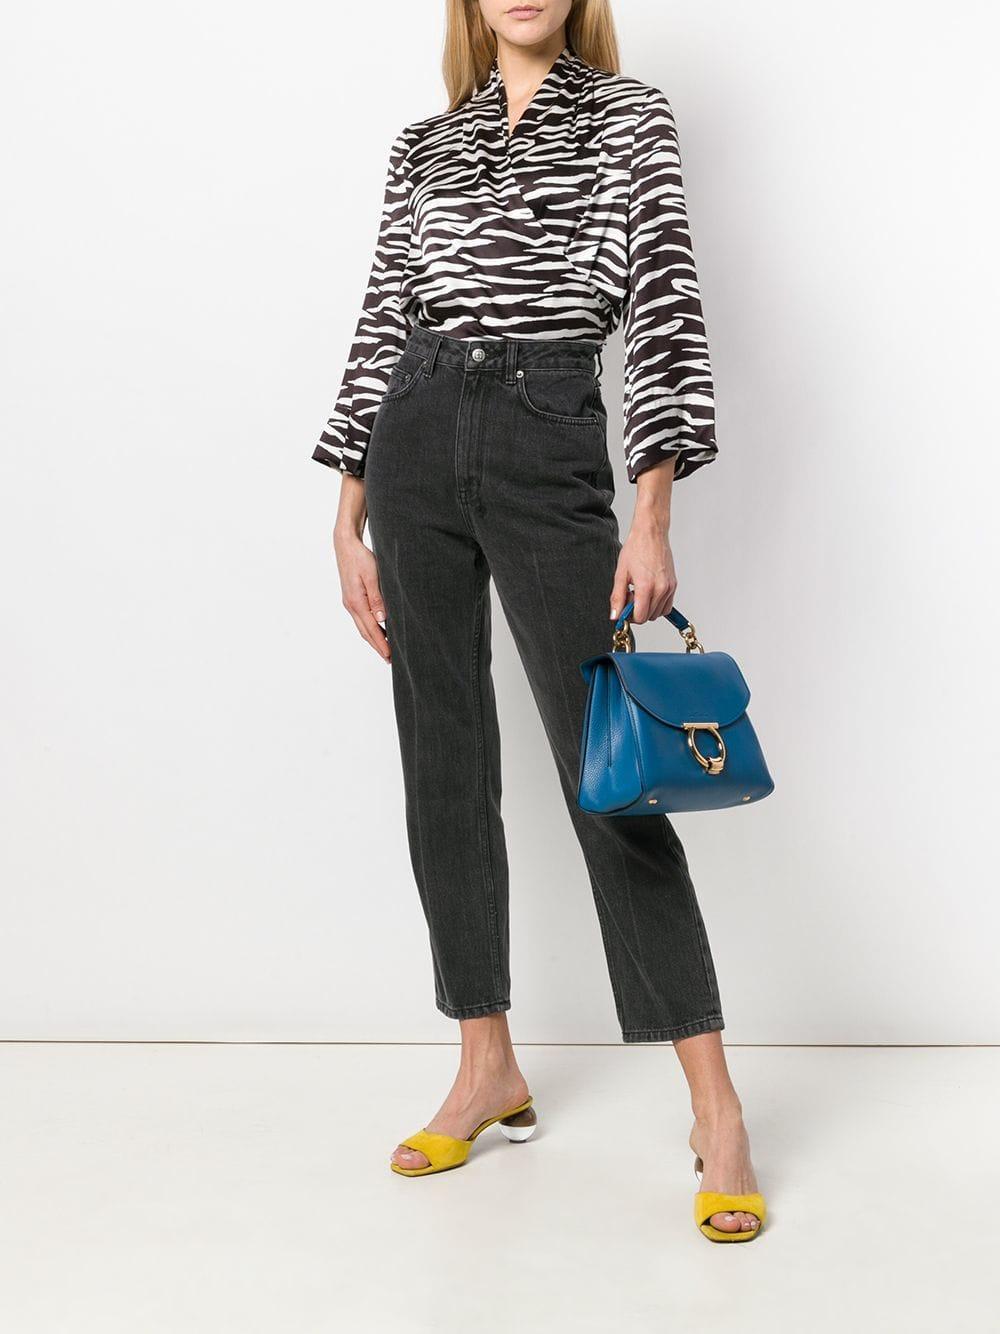 54c891105d95 Lyst - Ferragamo Margot Leather Shoulder Bag in Blue